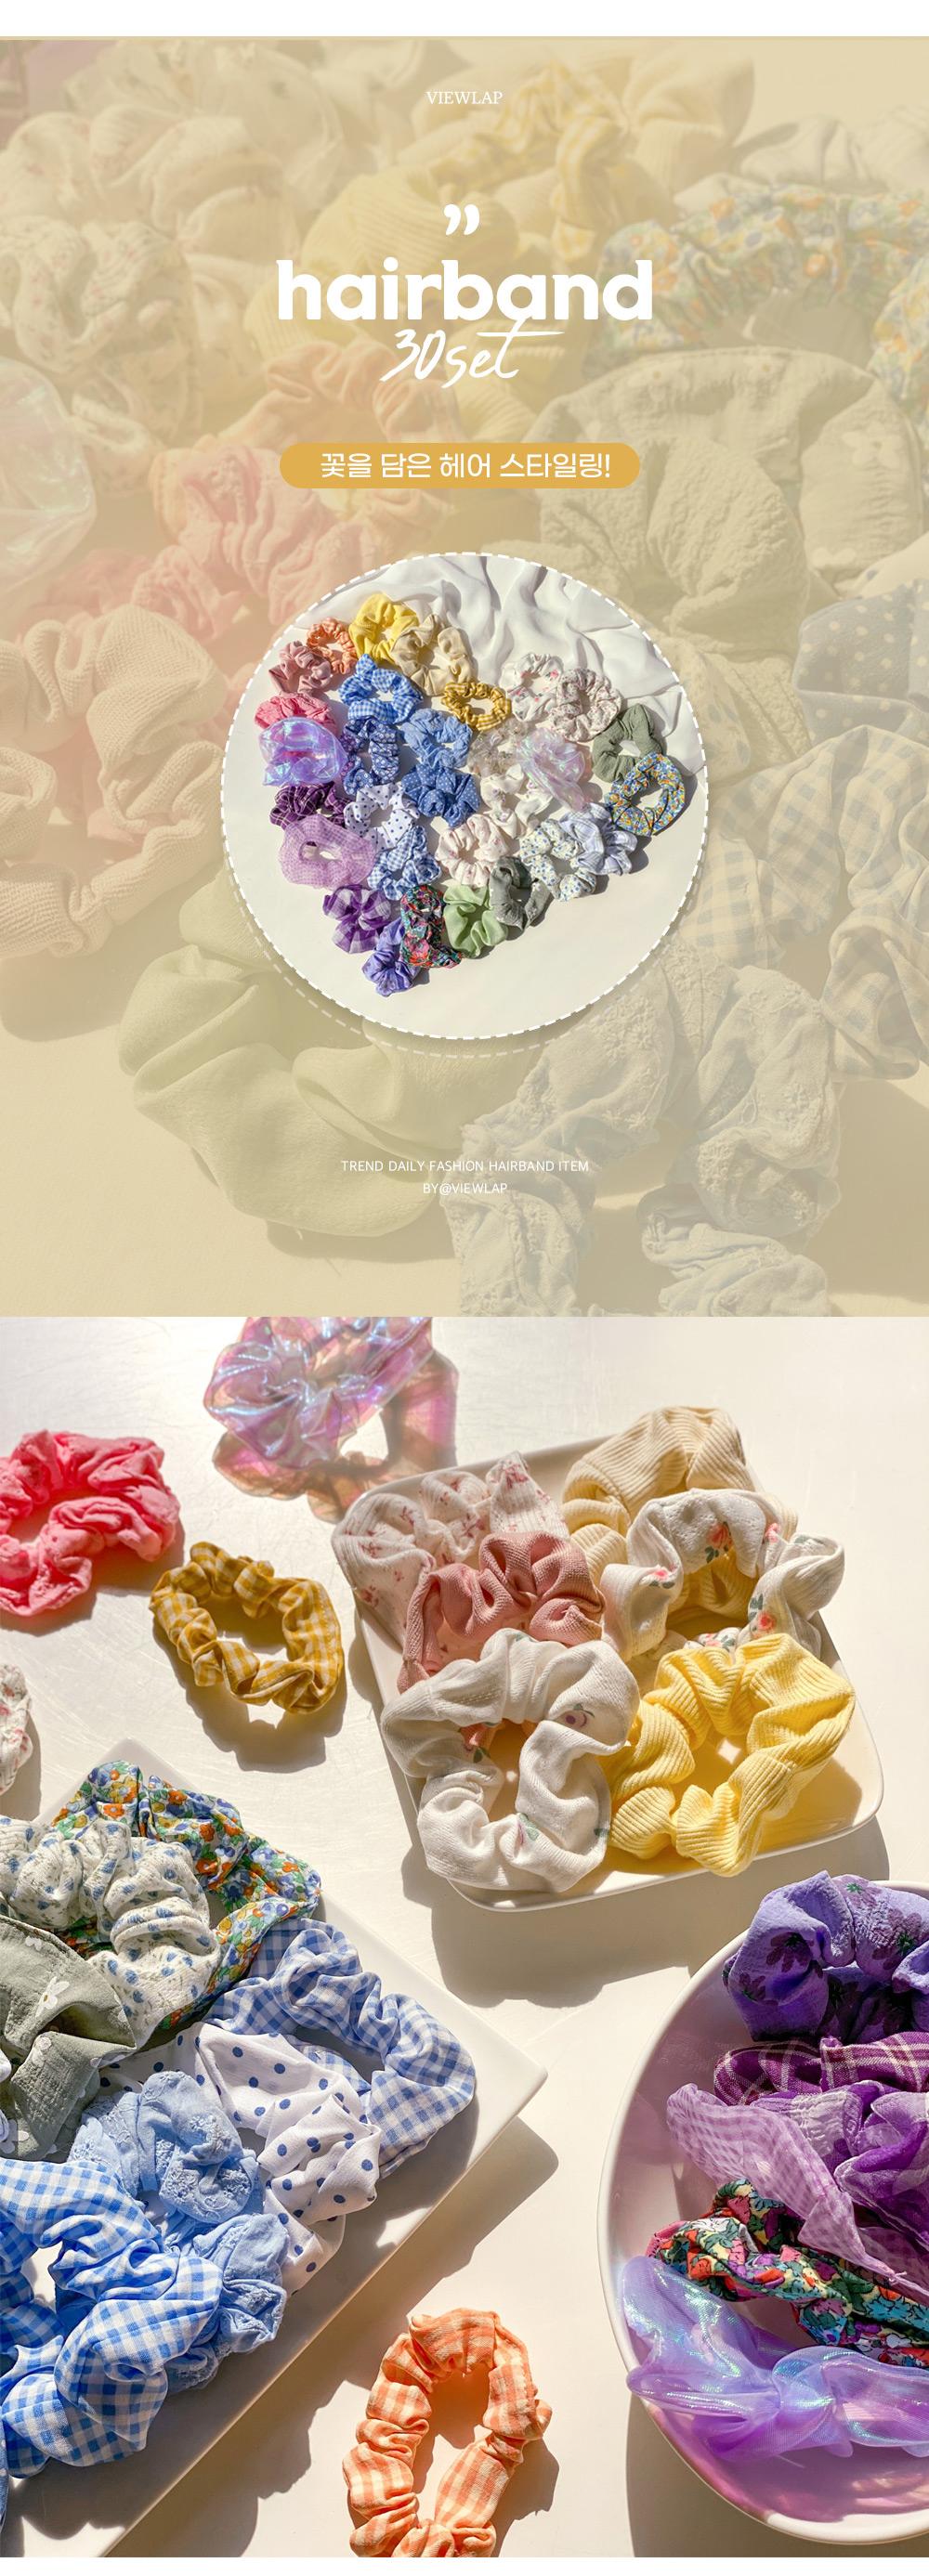 accessories detail image-S1L3